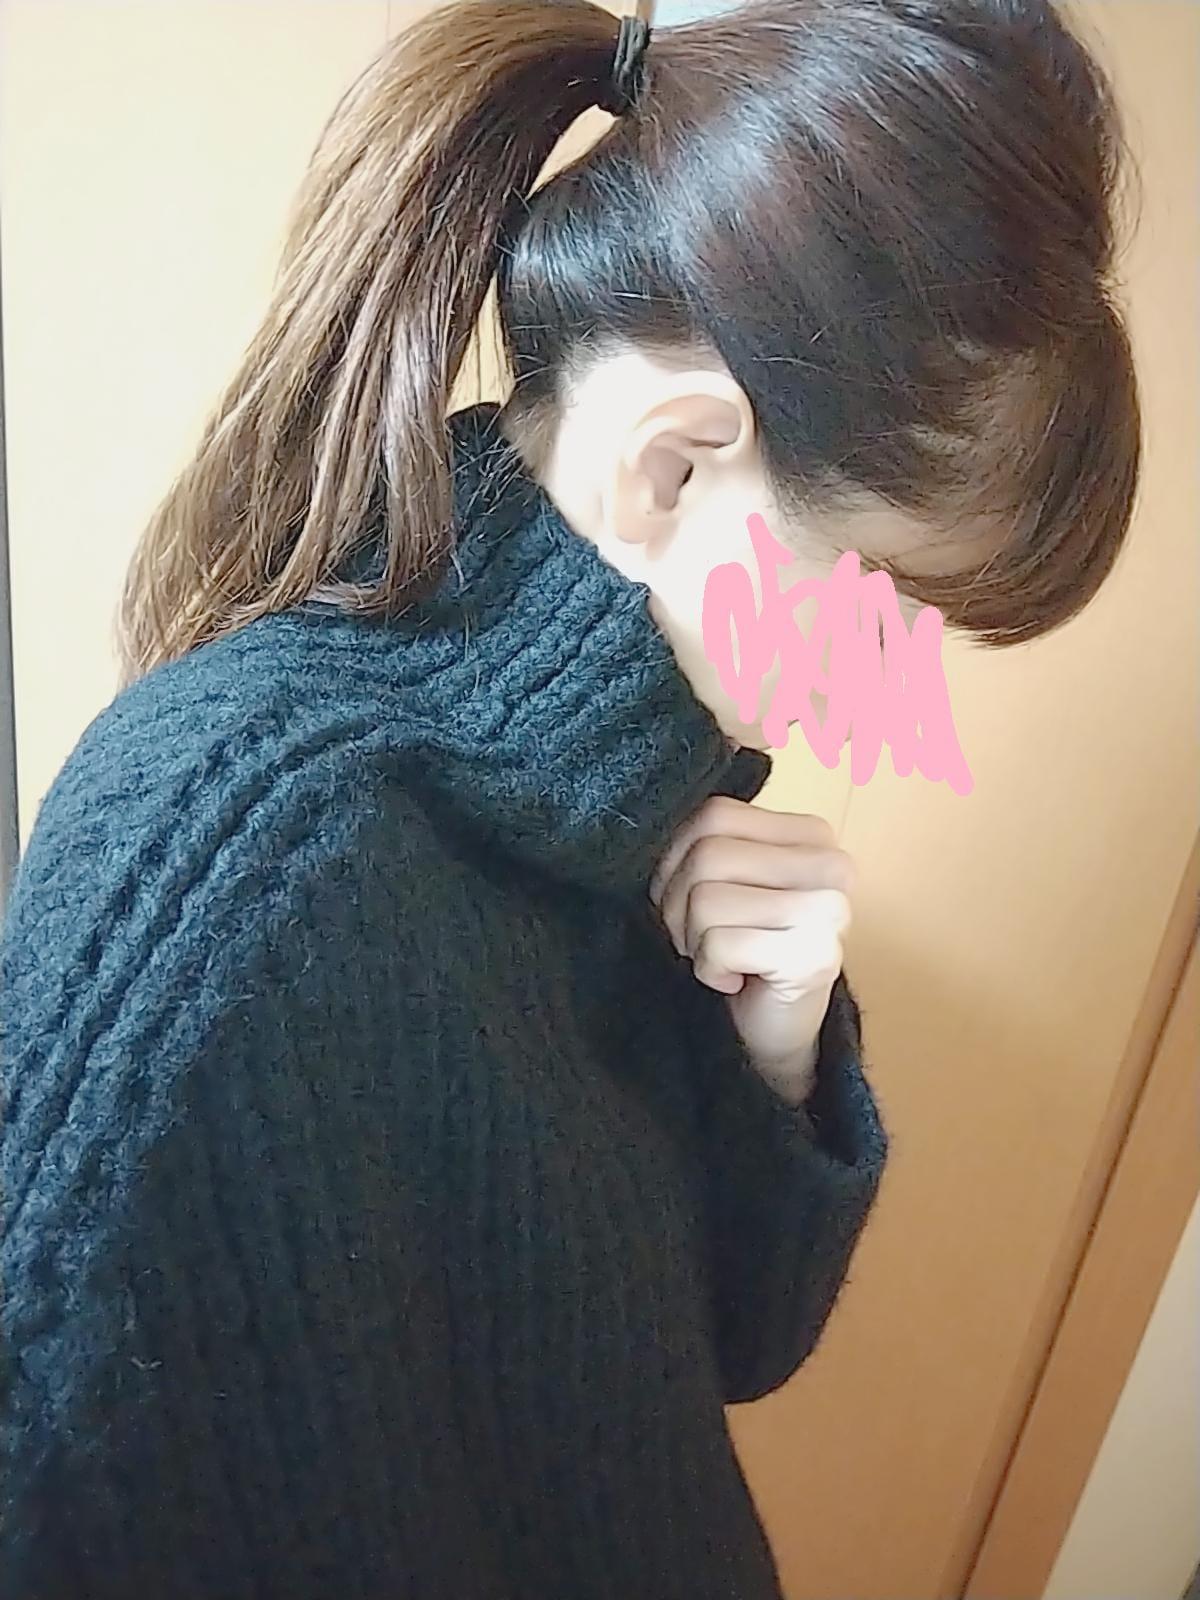 「こんにちは〜」12/12(12/12) 11:33   二宮の写メ・風俗動画